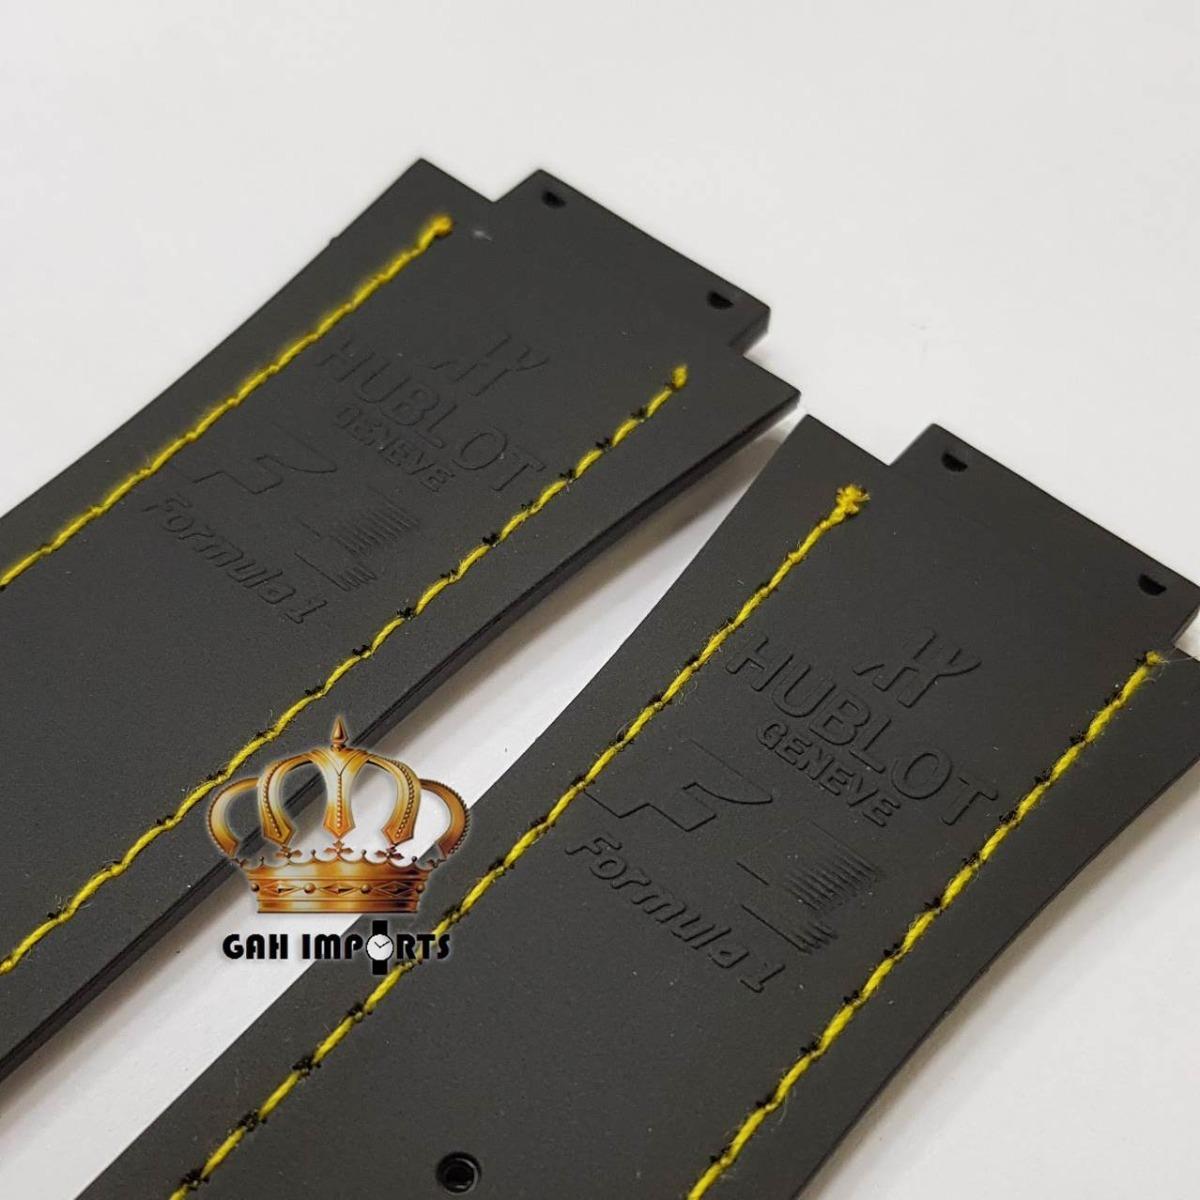 e37e696521d pulseira hublot king power f1 ayrton senna costura amarela. Carregando zoom.